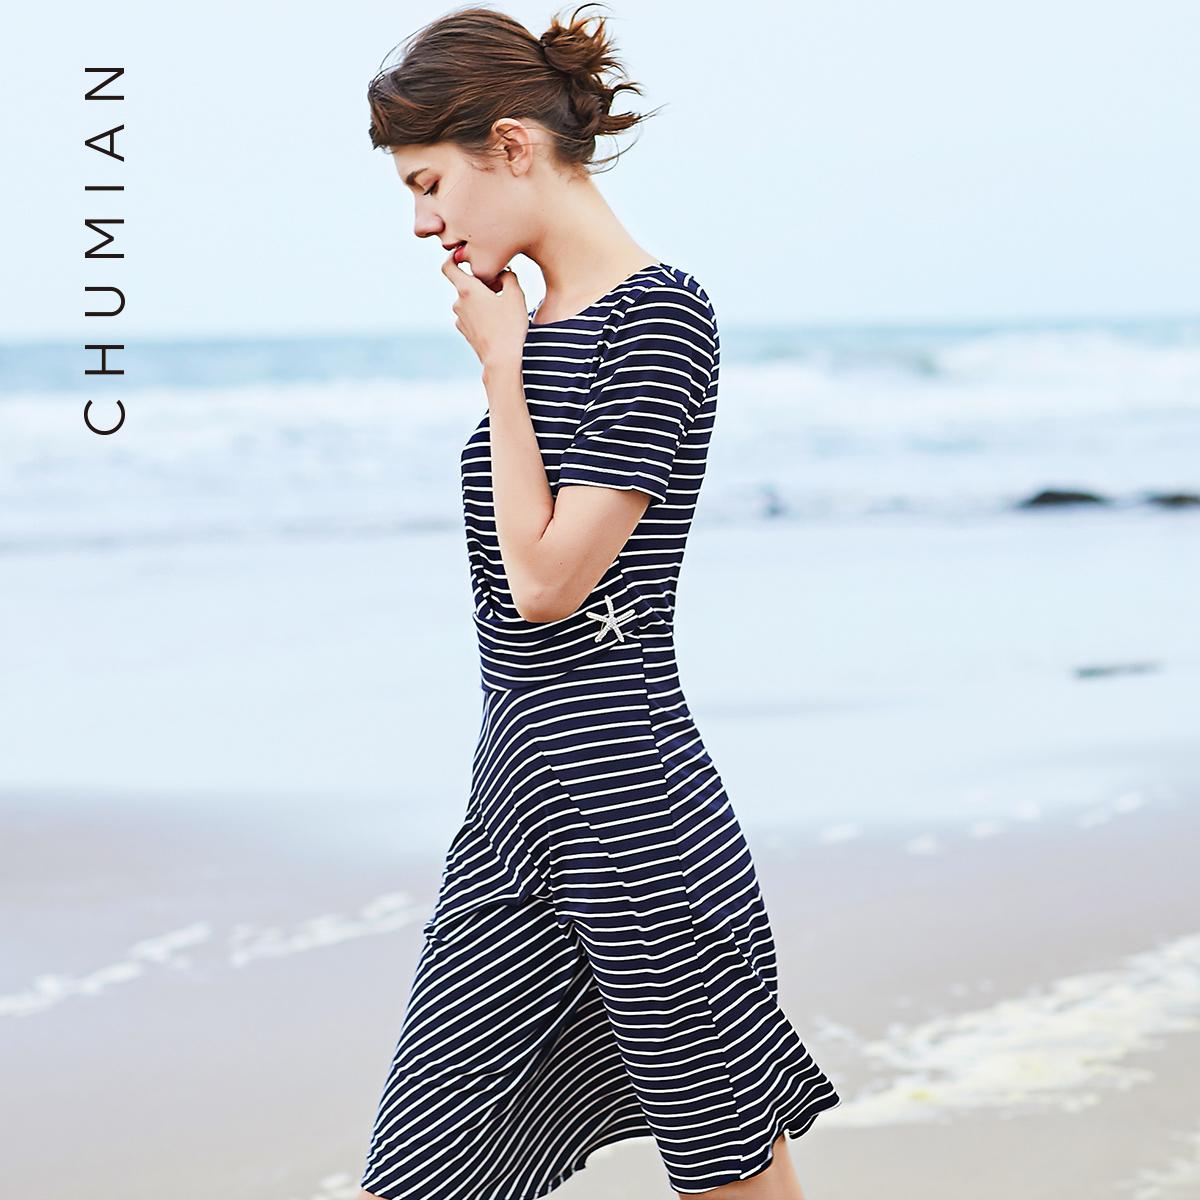 Đầu cotton 2018 mùa hè mới sọc đen và trắng sọc ngắn tay đầm nữ mùa hè sọc trật khớp trong váy dài nữ